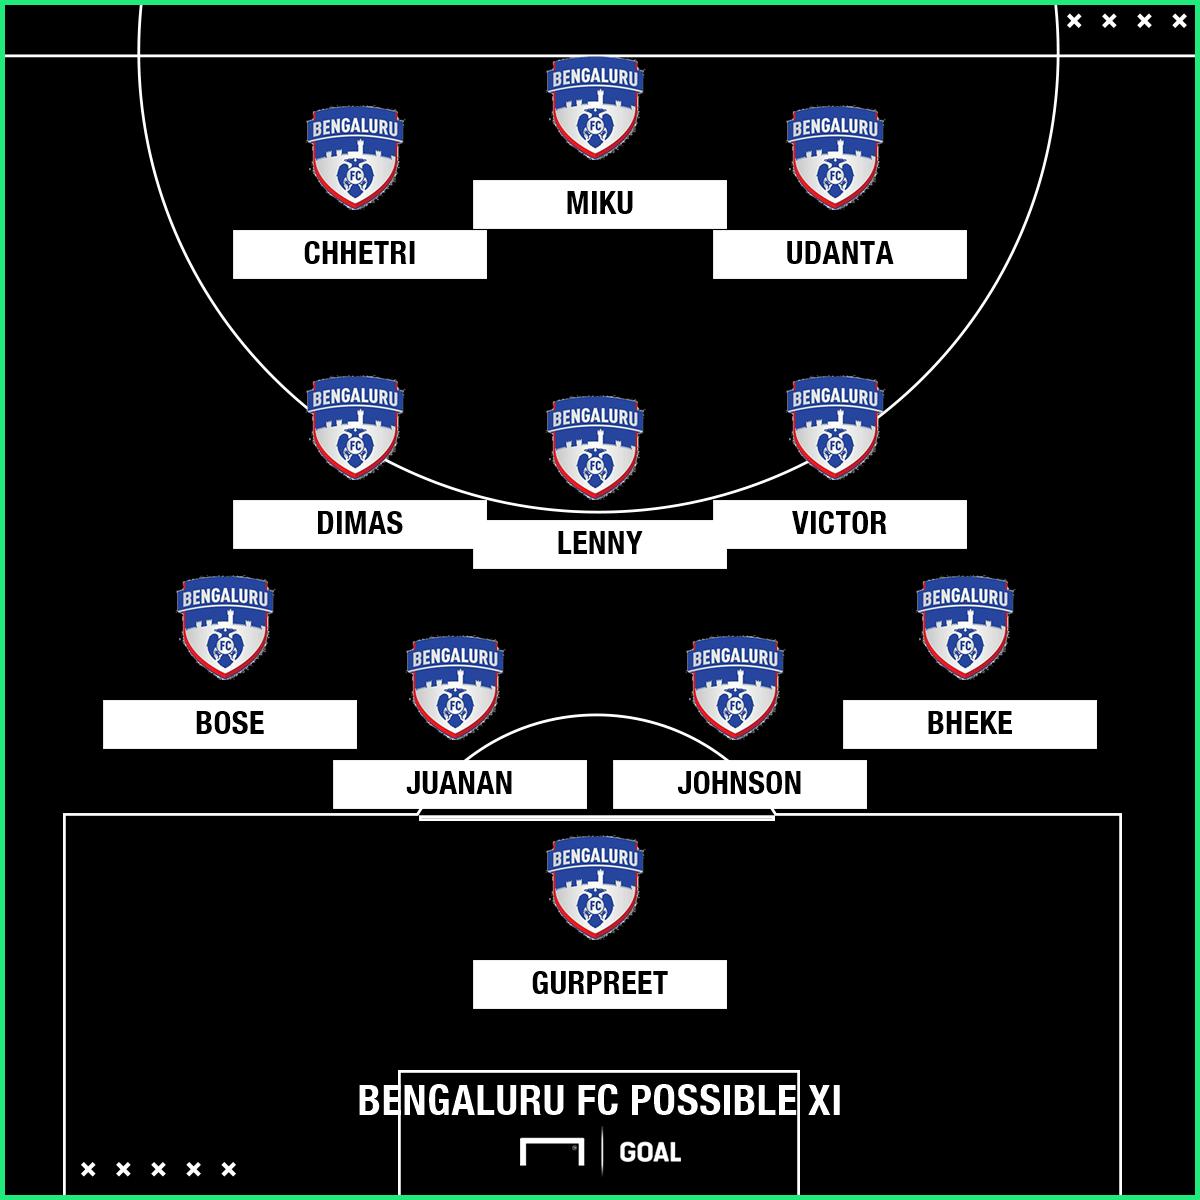 Bengaluru FC possible XI v FC Pune City